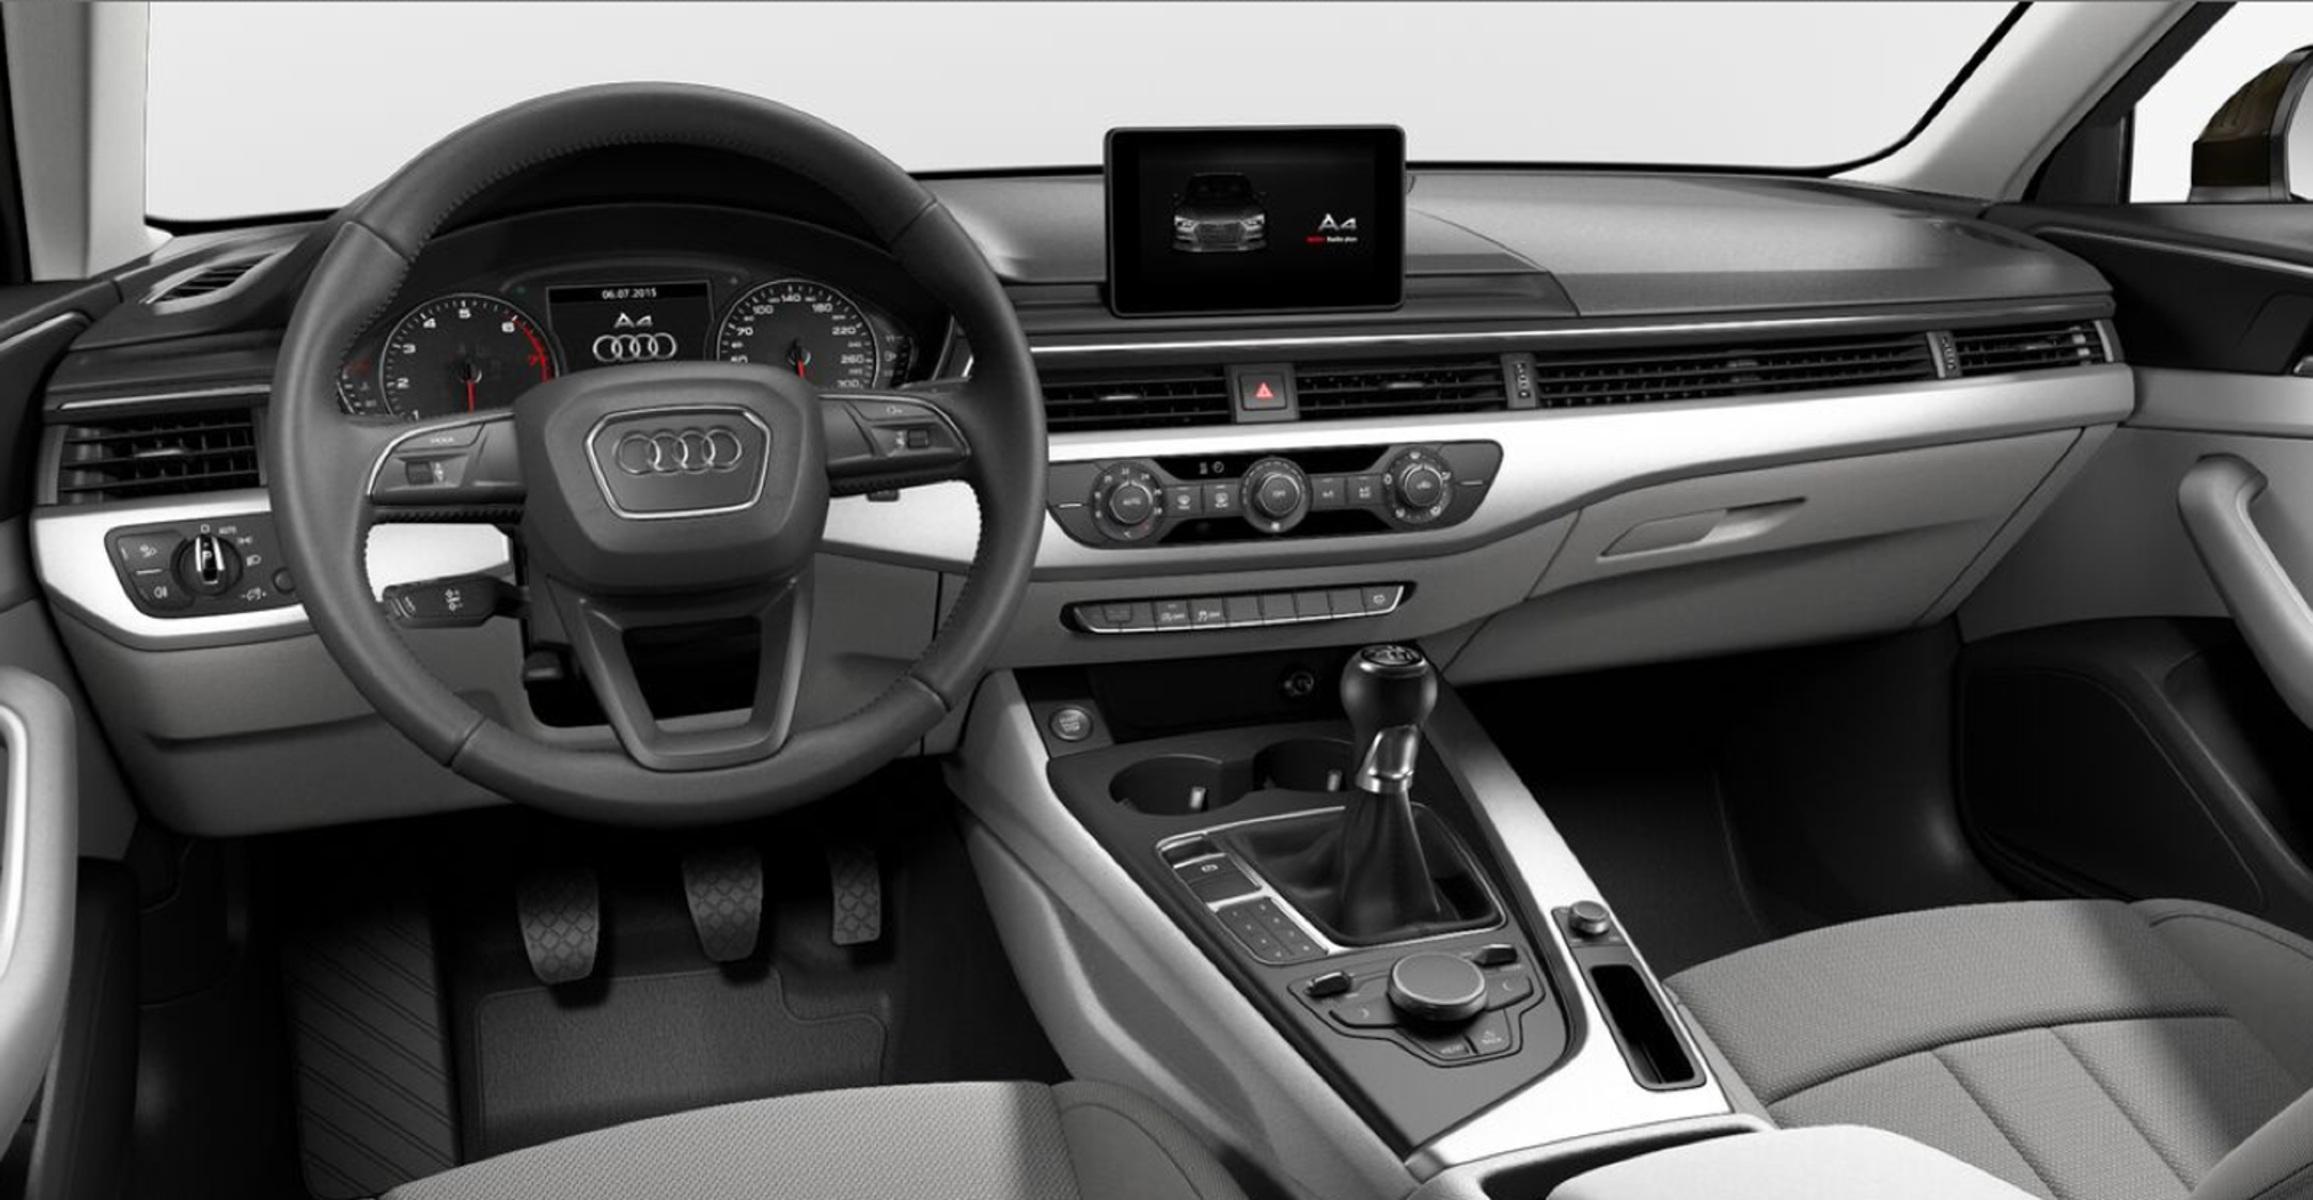 Listino Audi A4 Avant Prezzo Scheda Tecnica Consumi